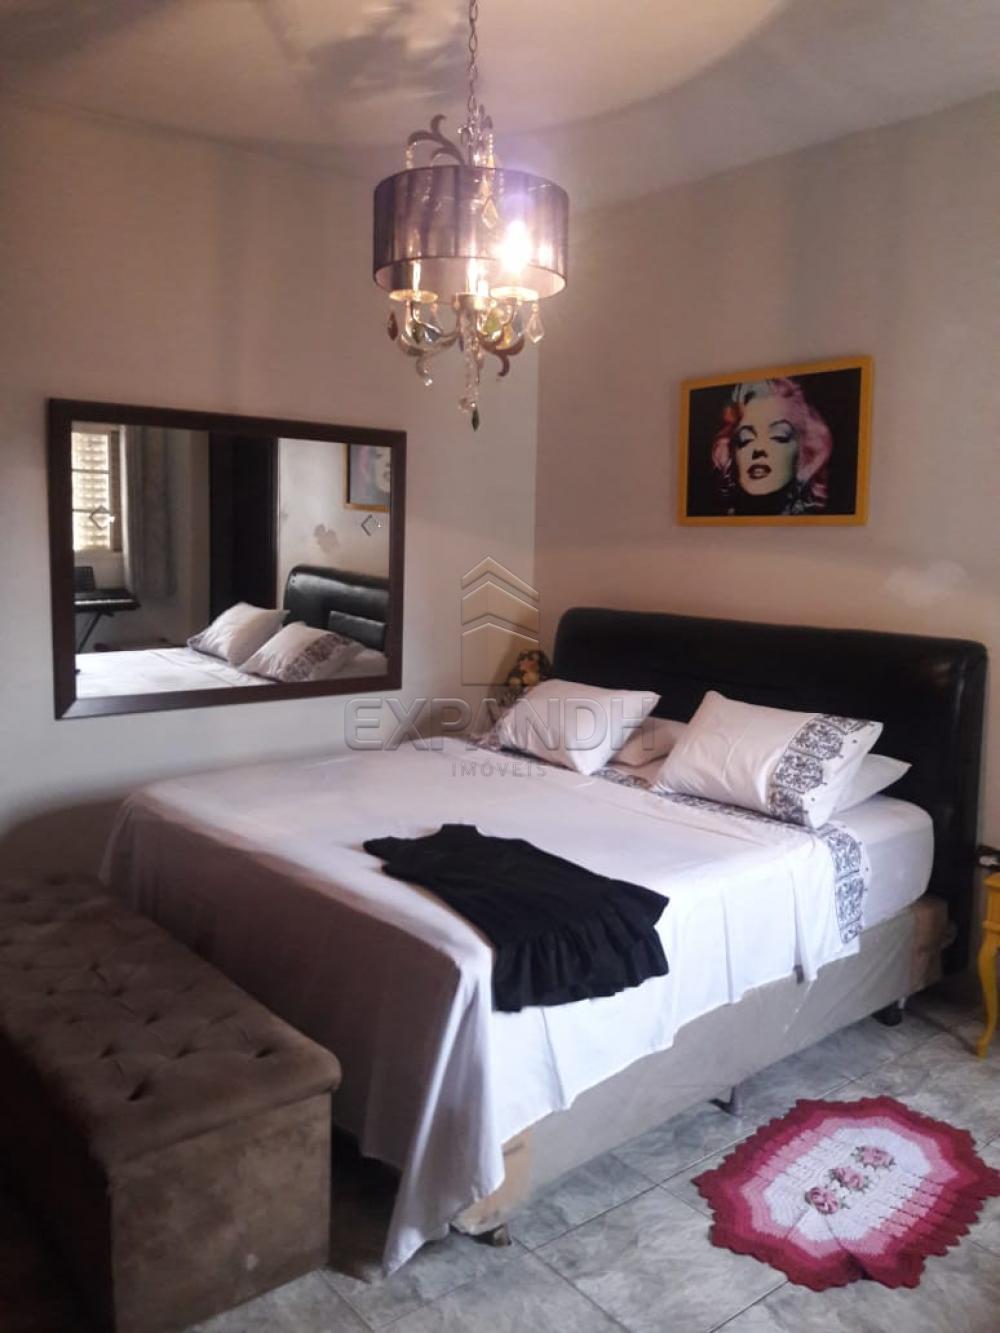 Comprar Casas / Padrão em Sertãozinho apenas R$ 400.000,00 - Foto 17